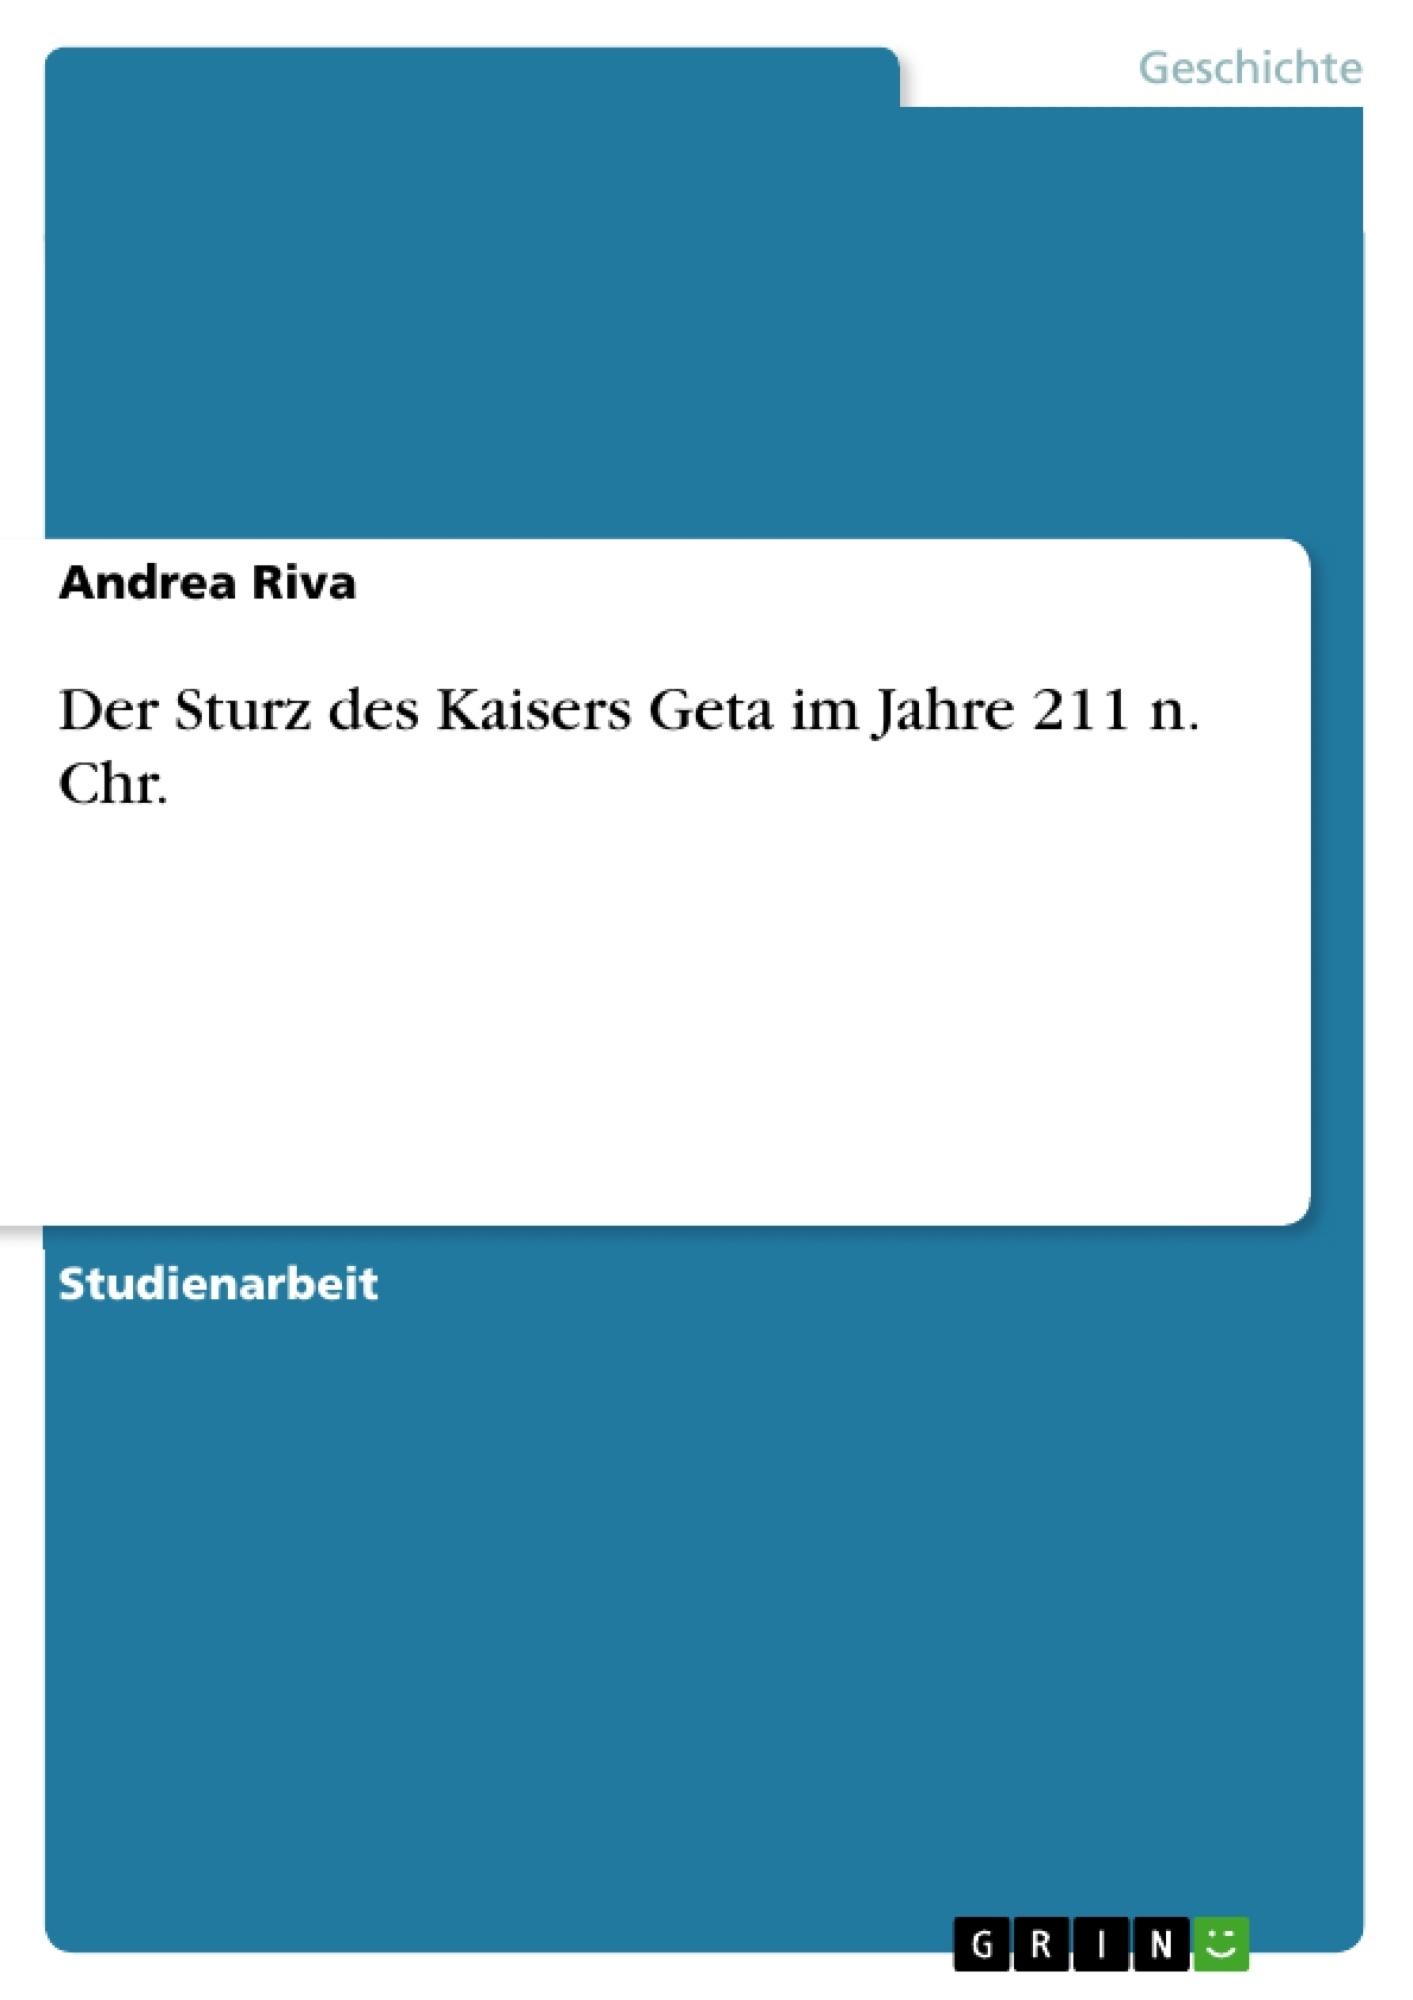 Titel: Der Sturz des Kaisers Geta im Jahre 211 n. Chr.